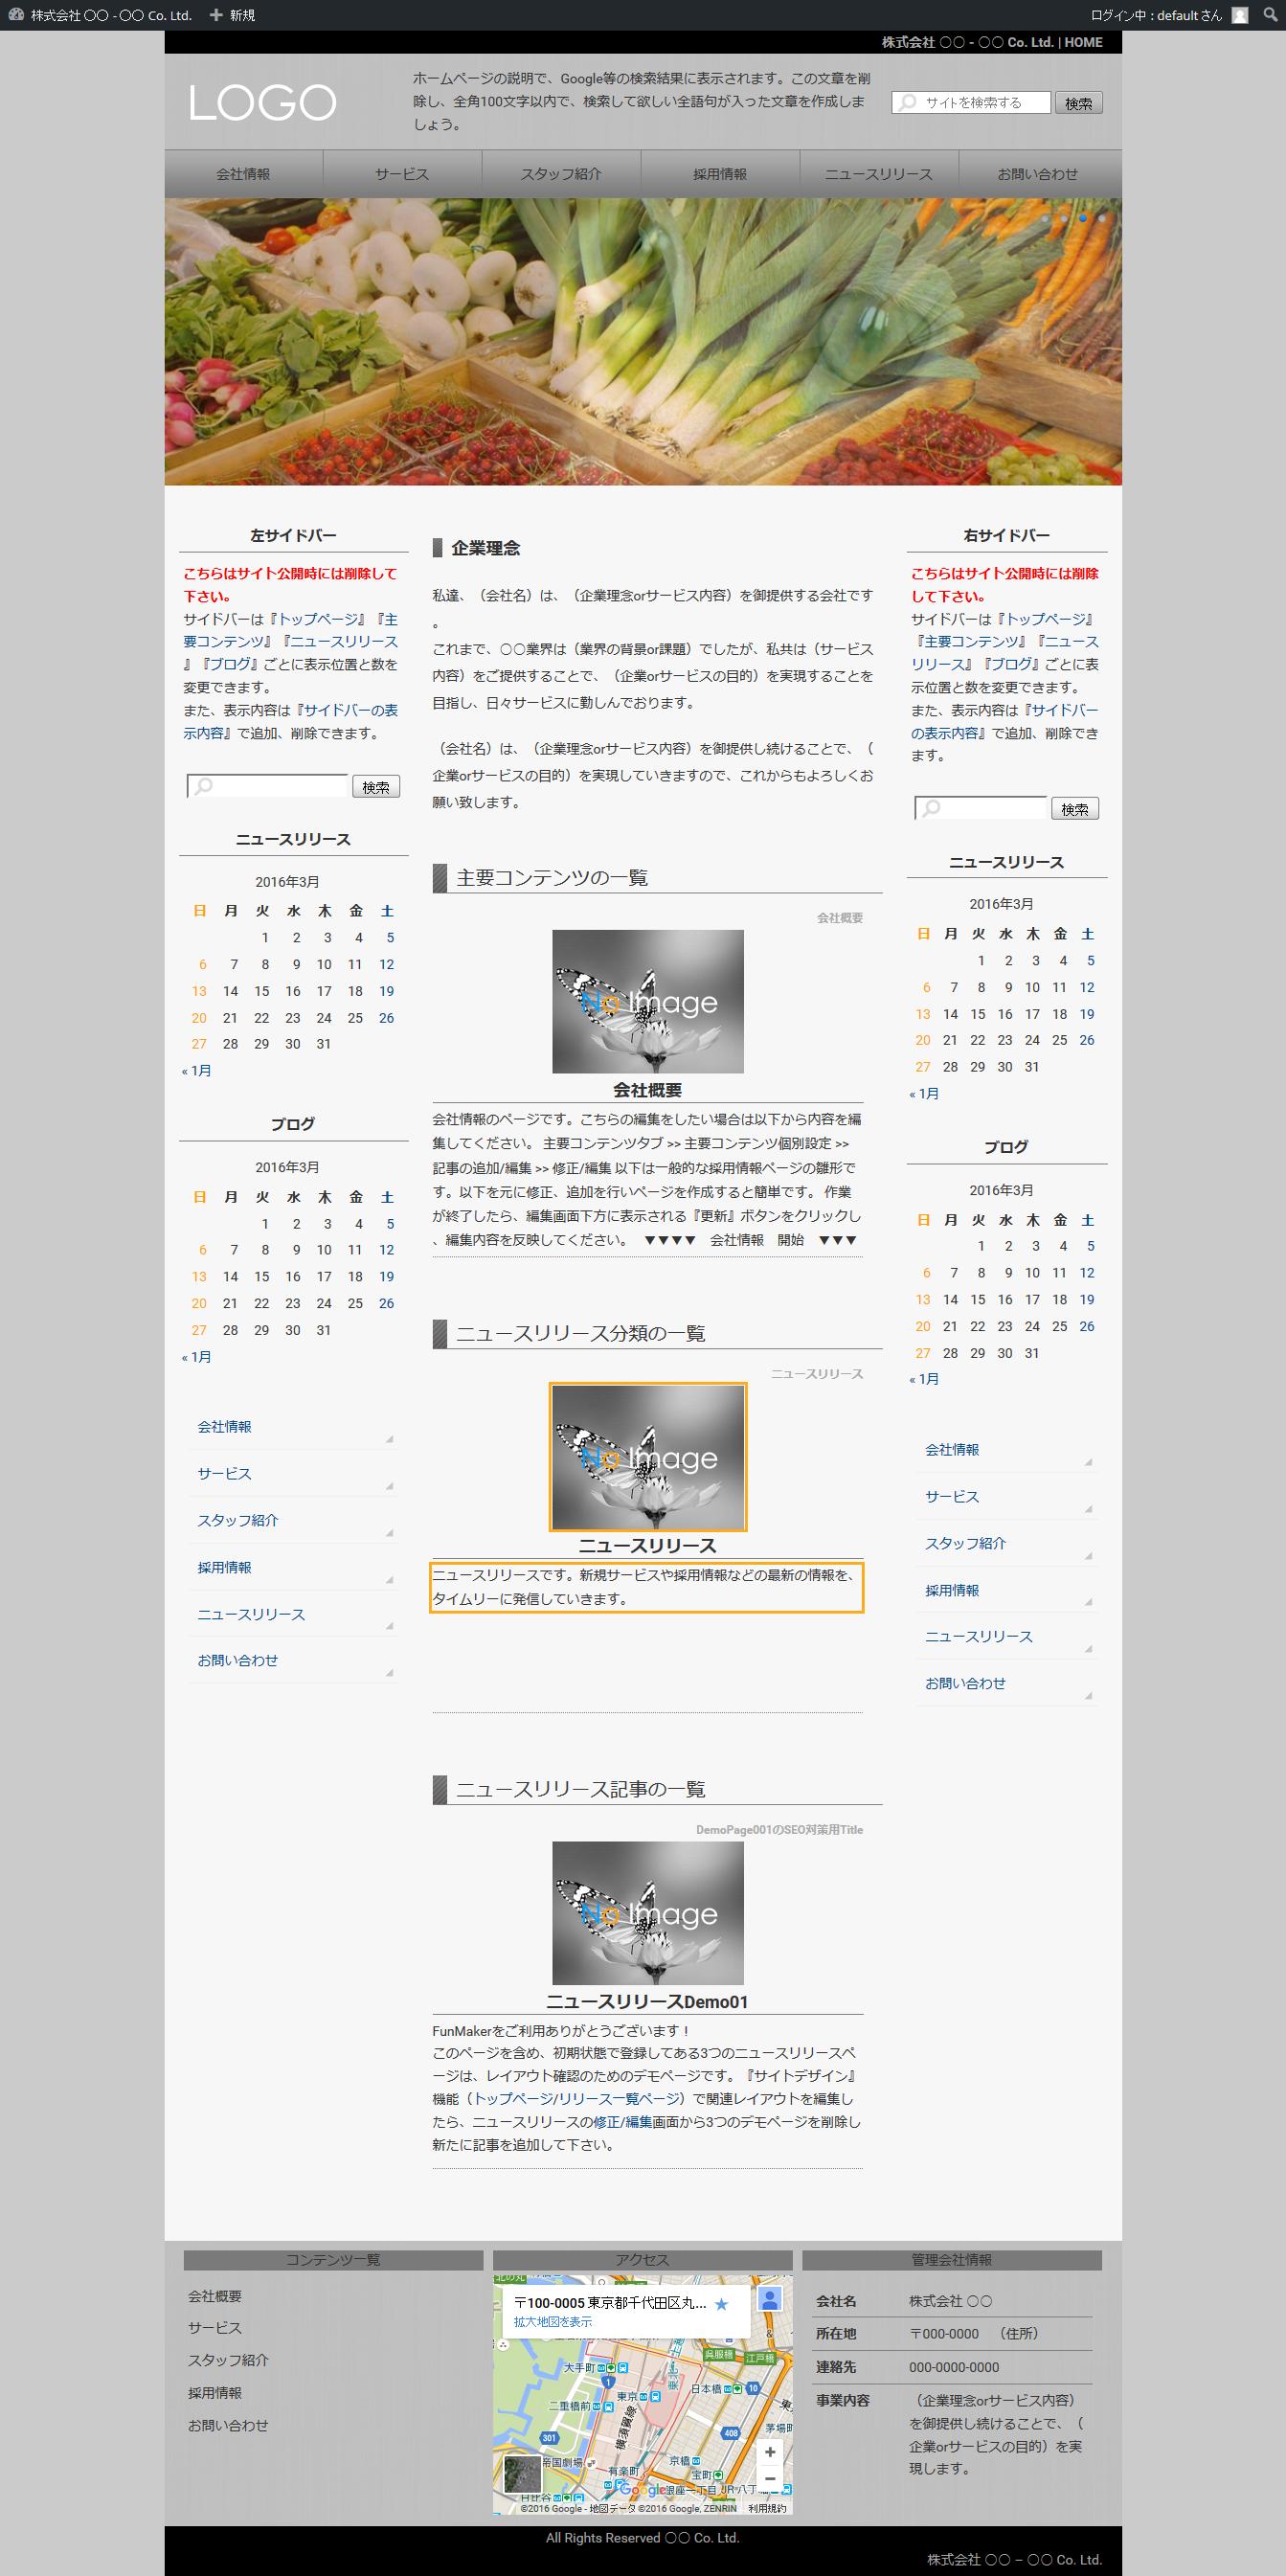 トップページ 一覧表示 リリース分類 - 簡単格安ホームページ作成会社 -FunMaker